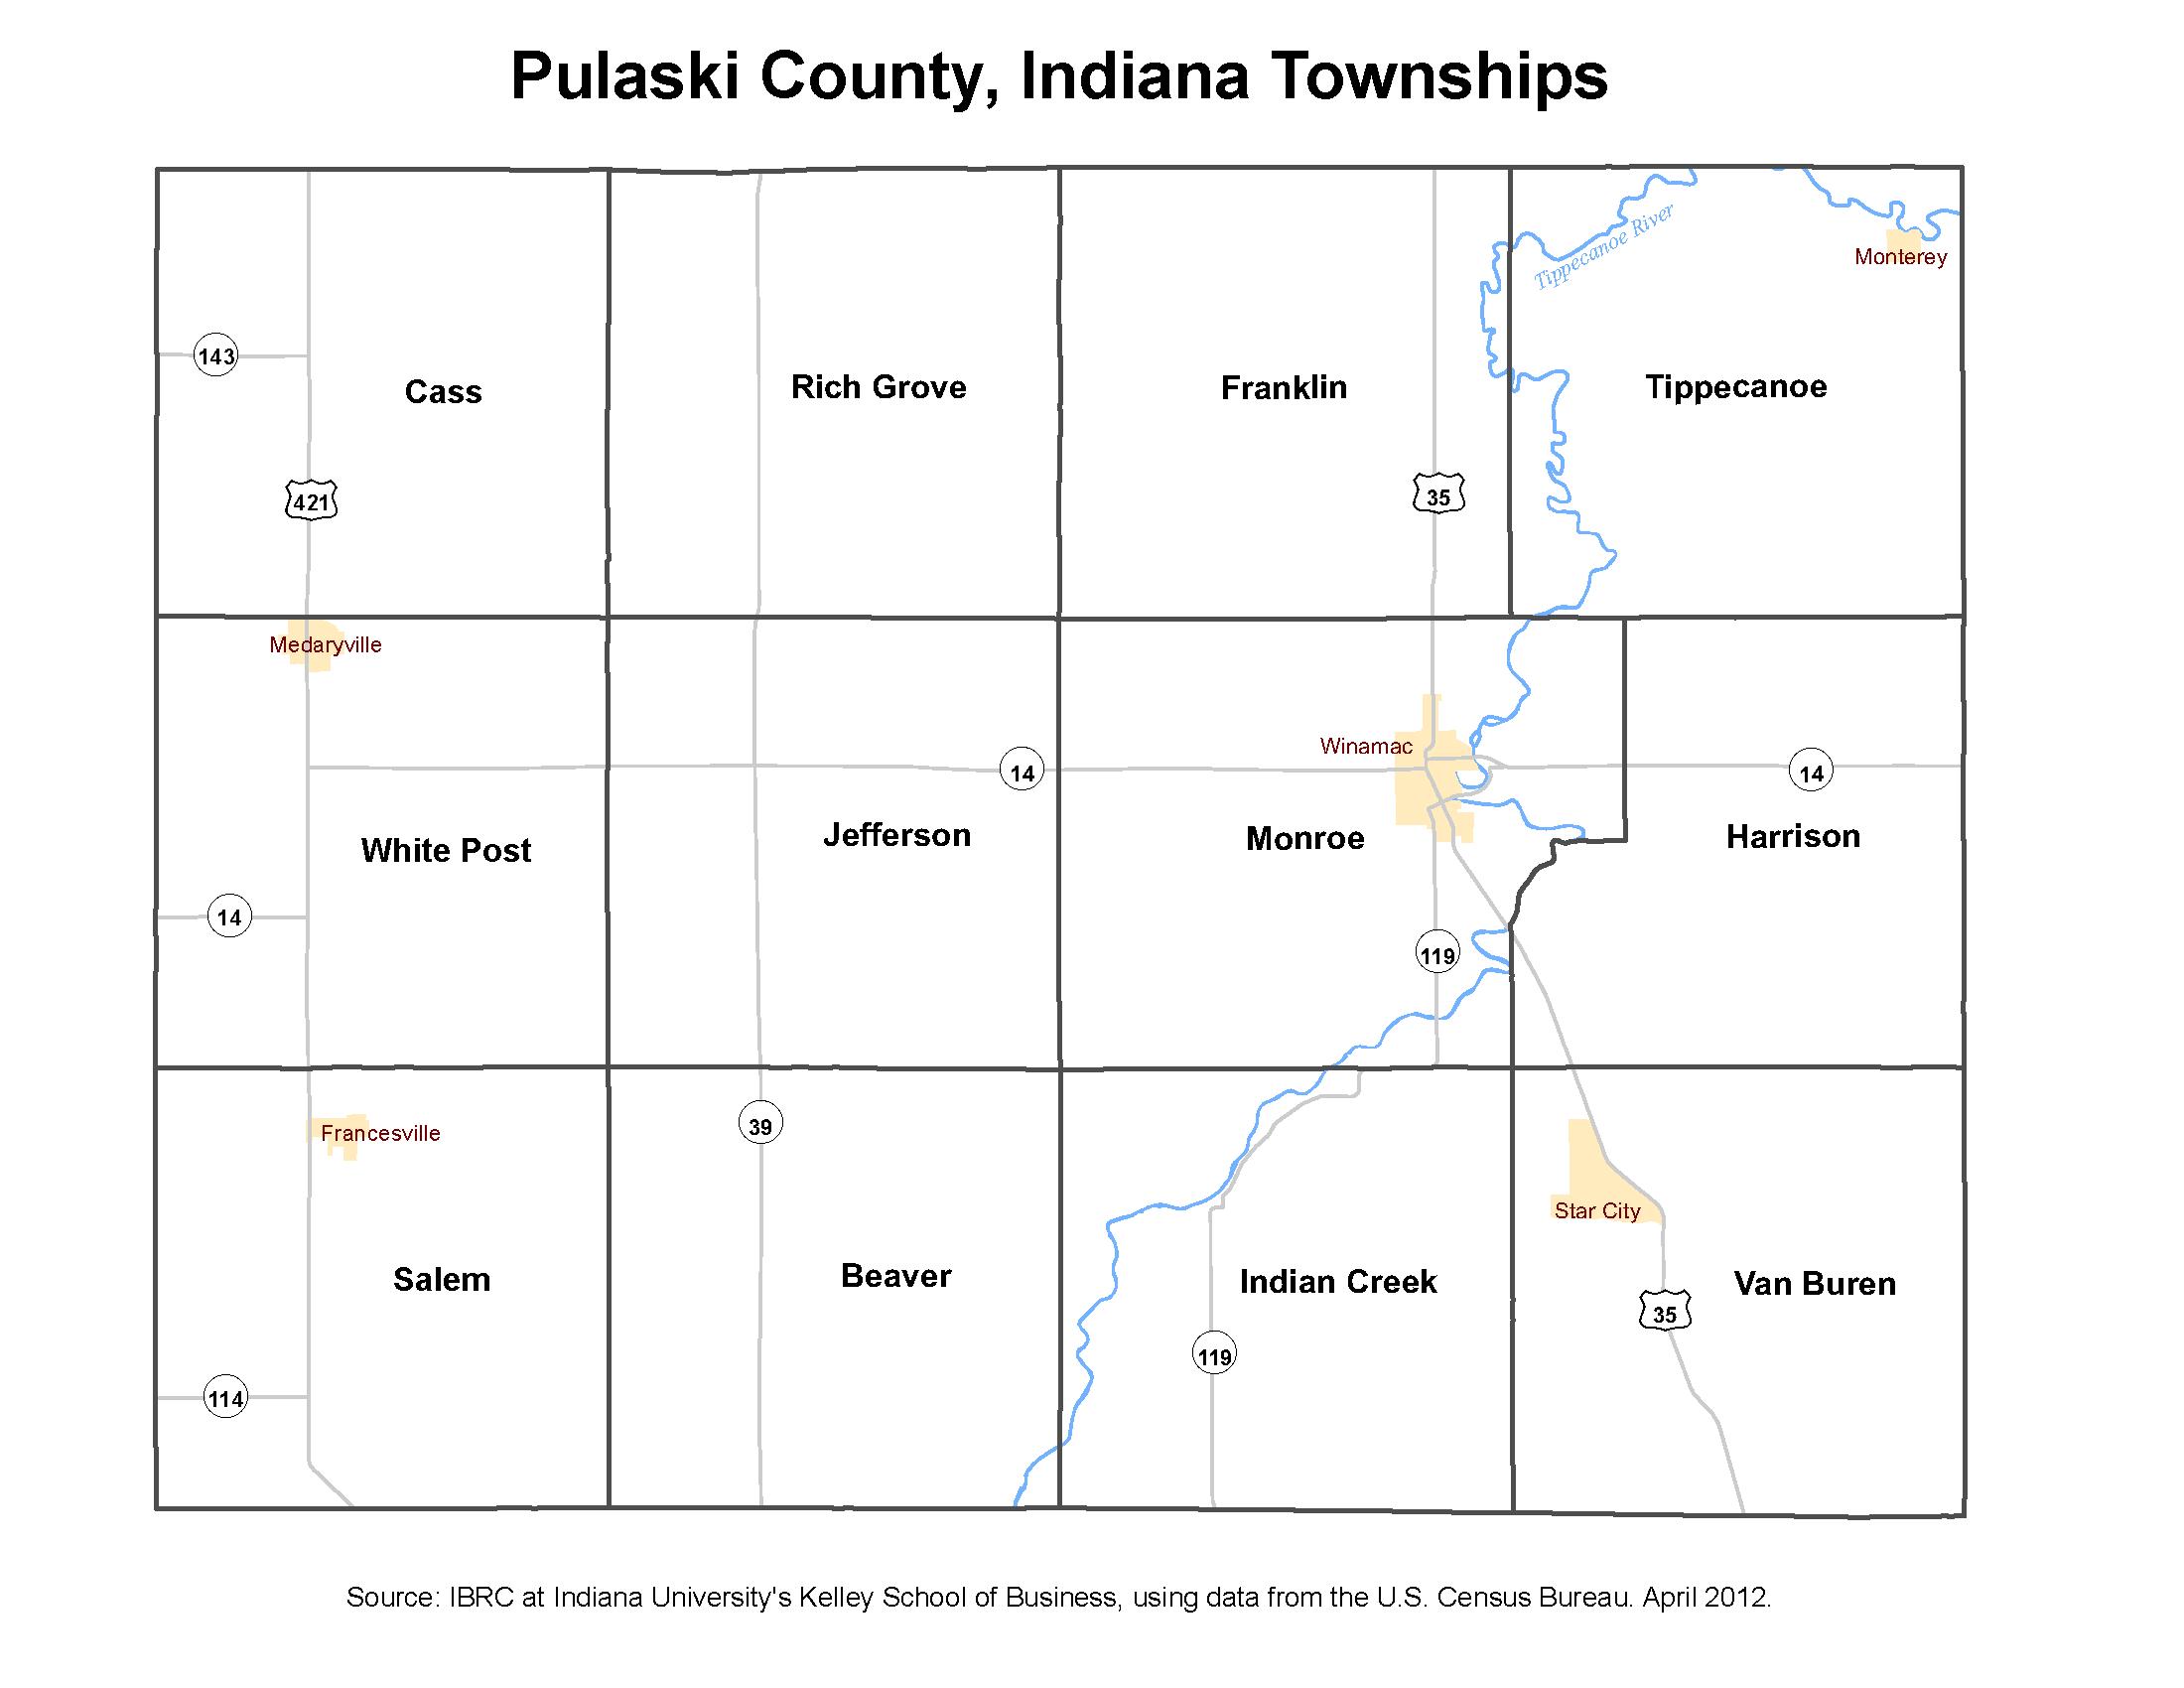 Indiana pulaski county francesville - Indiana Pulaski County Francesville 53